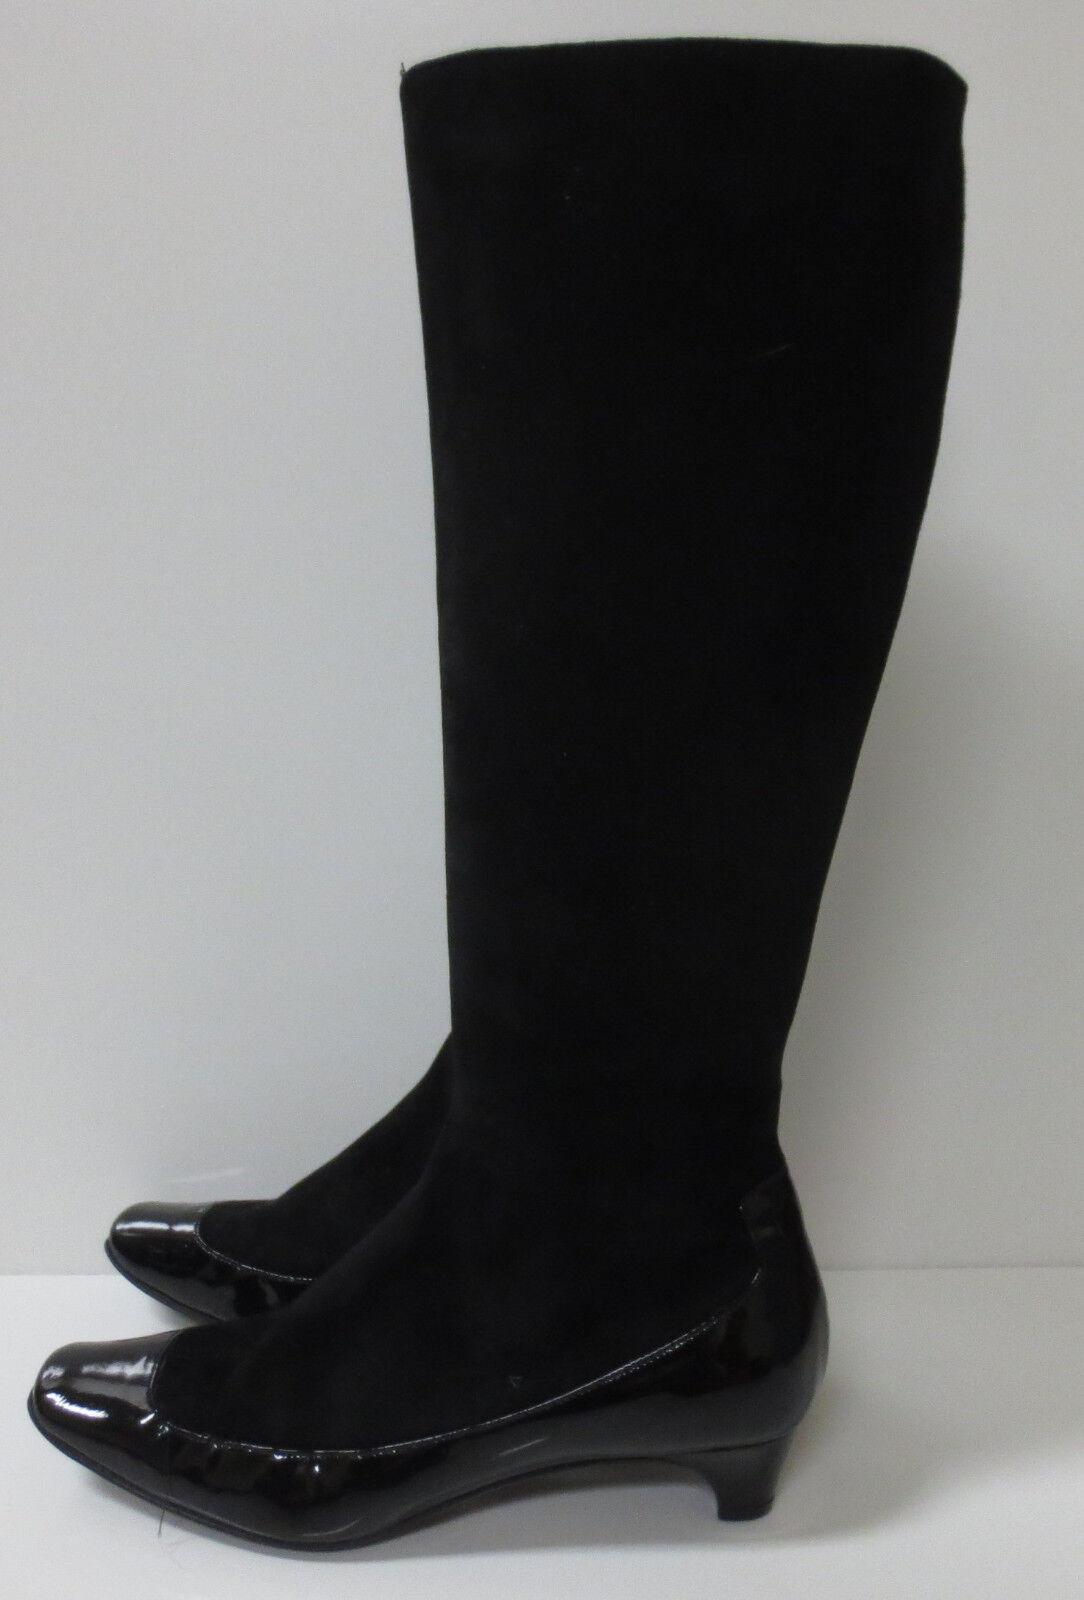 Elie Tahari Negro Gamuza & Charol botas Zapatos Eje de alto 36 M como nuevo